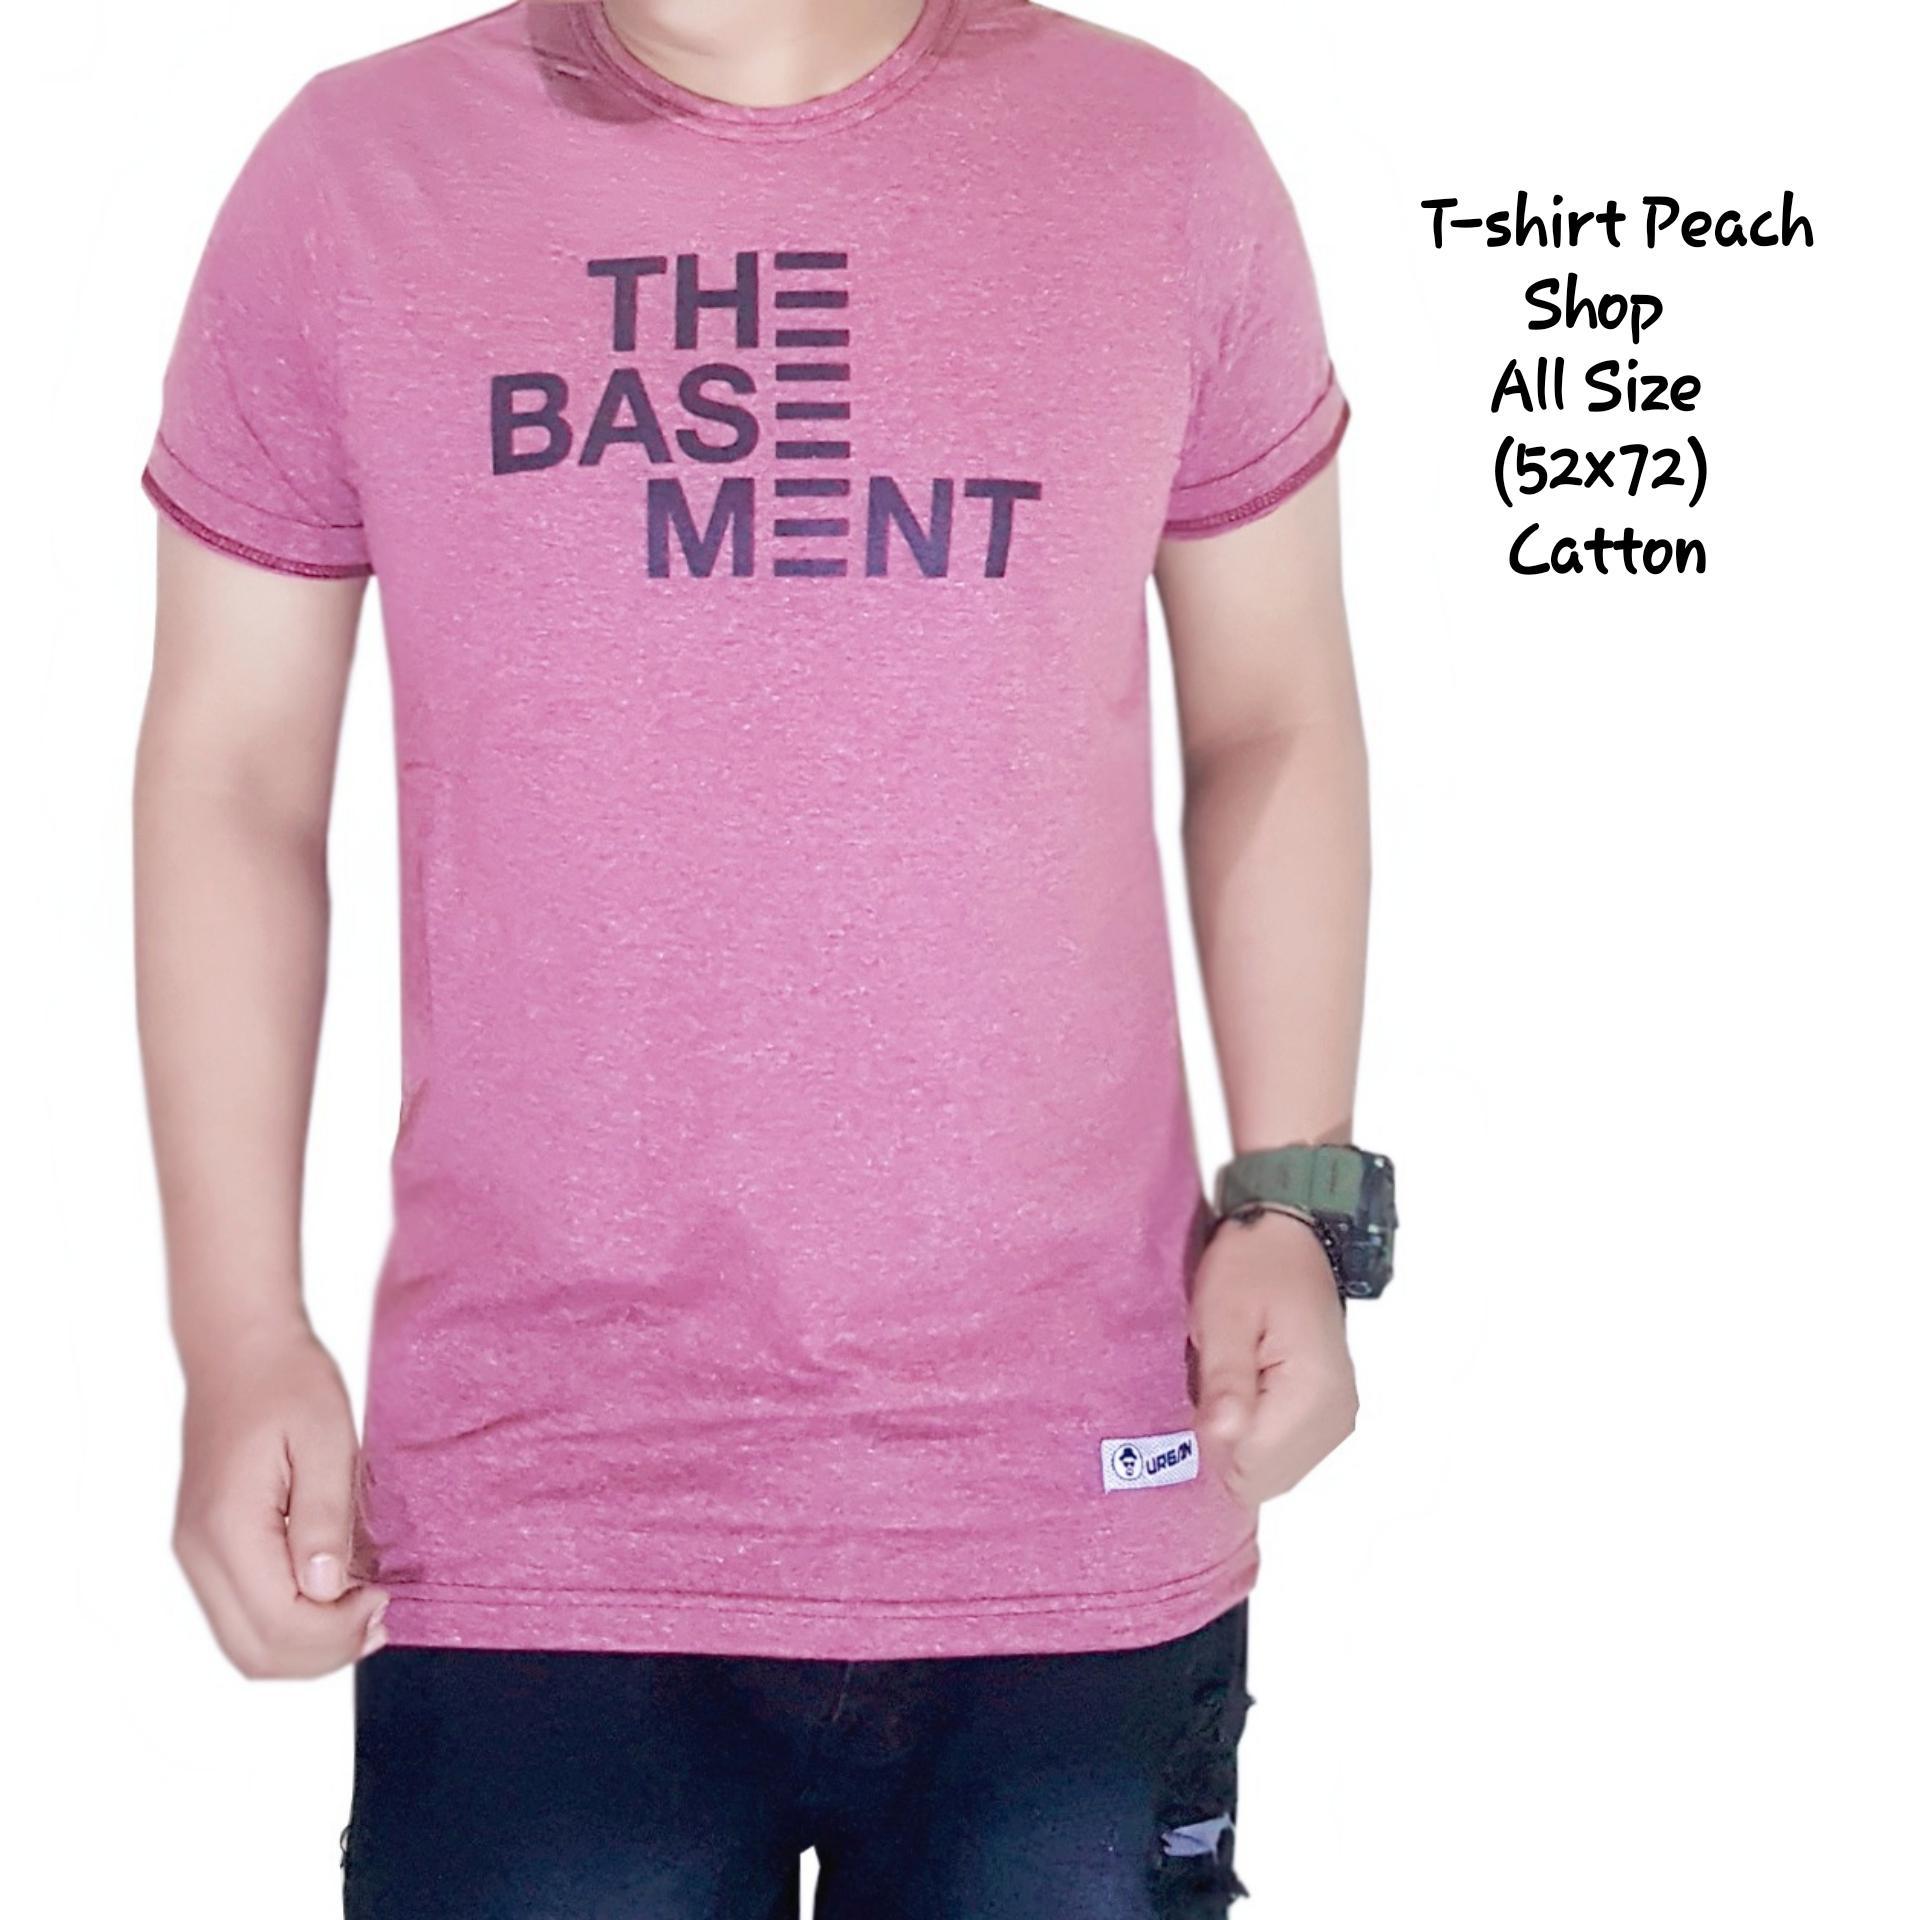 Anugrah – kaos distro T-shirt Fashion 100% soft cotton combed 30s premium pria wanita cewe cowo baju T-shirt terbaru kekinian lengan keren bandung murah ...